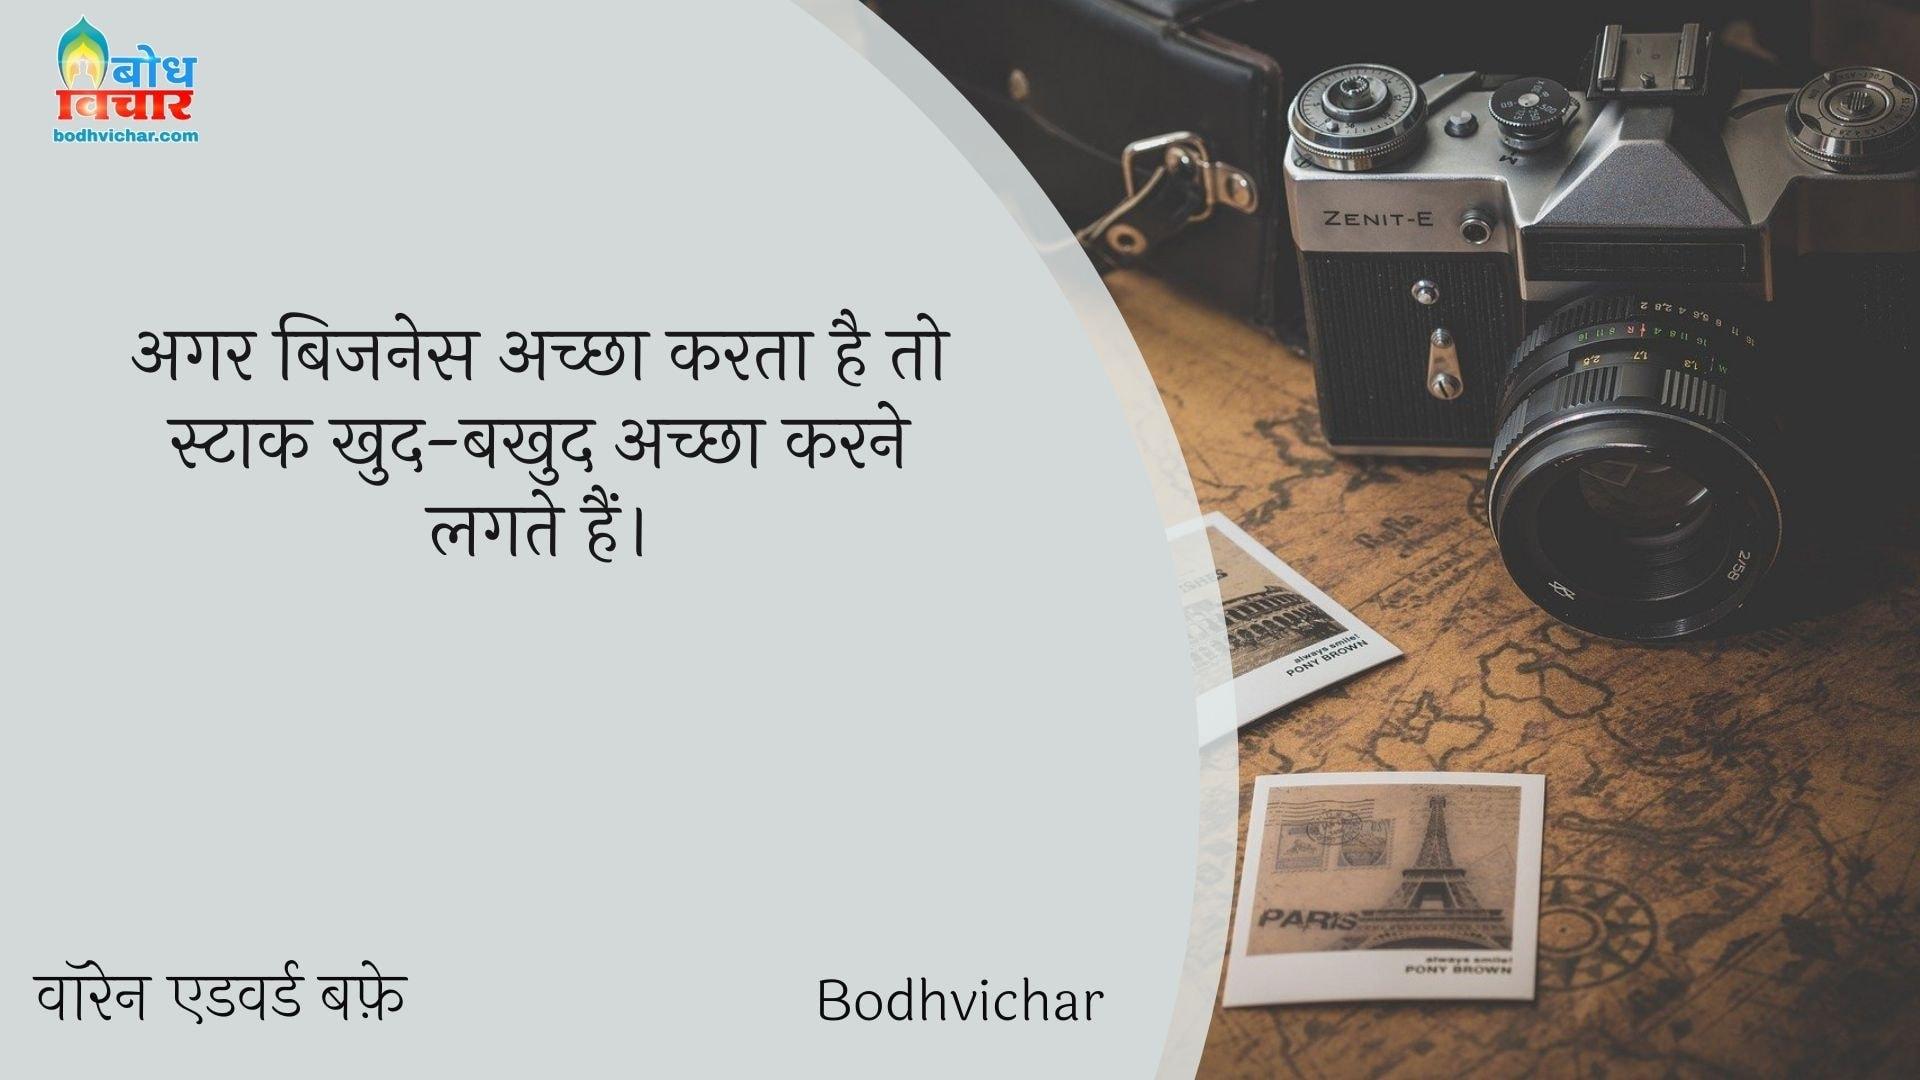 अगर बिजनेस अच्छा करता है तो स्टाक खुद-बखुद अच्छा करने लगते हैं। : Aar bussiness achcha karta hai to stock khud b khud achcha karne lagte hain. - वॉरेन एडवर्ड बफ़े